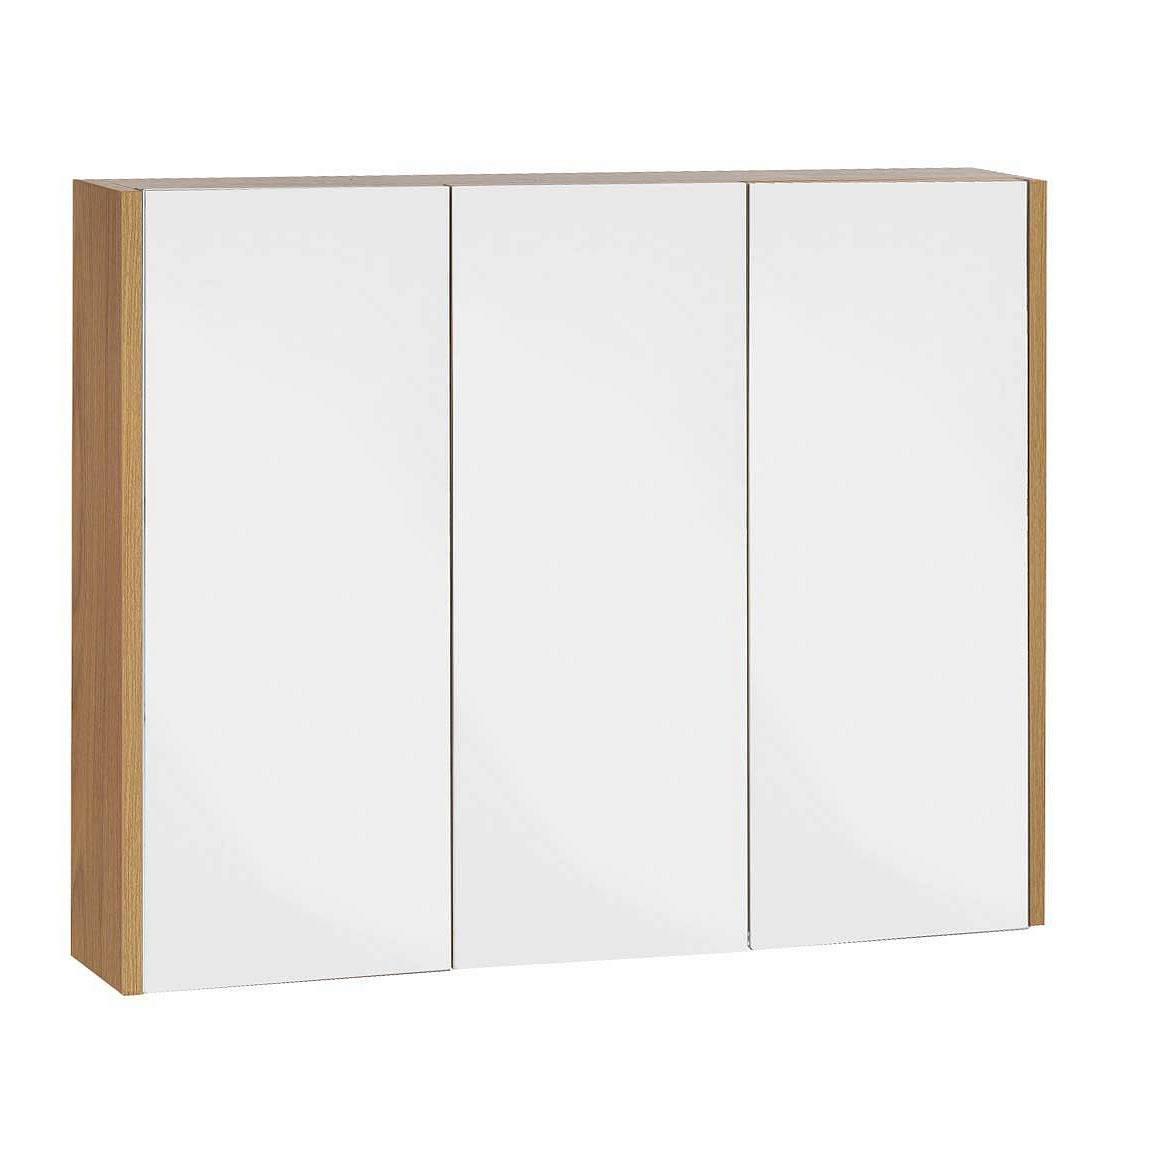 Image of Odessa Oak 3 Door Mirror Cabinet